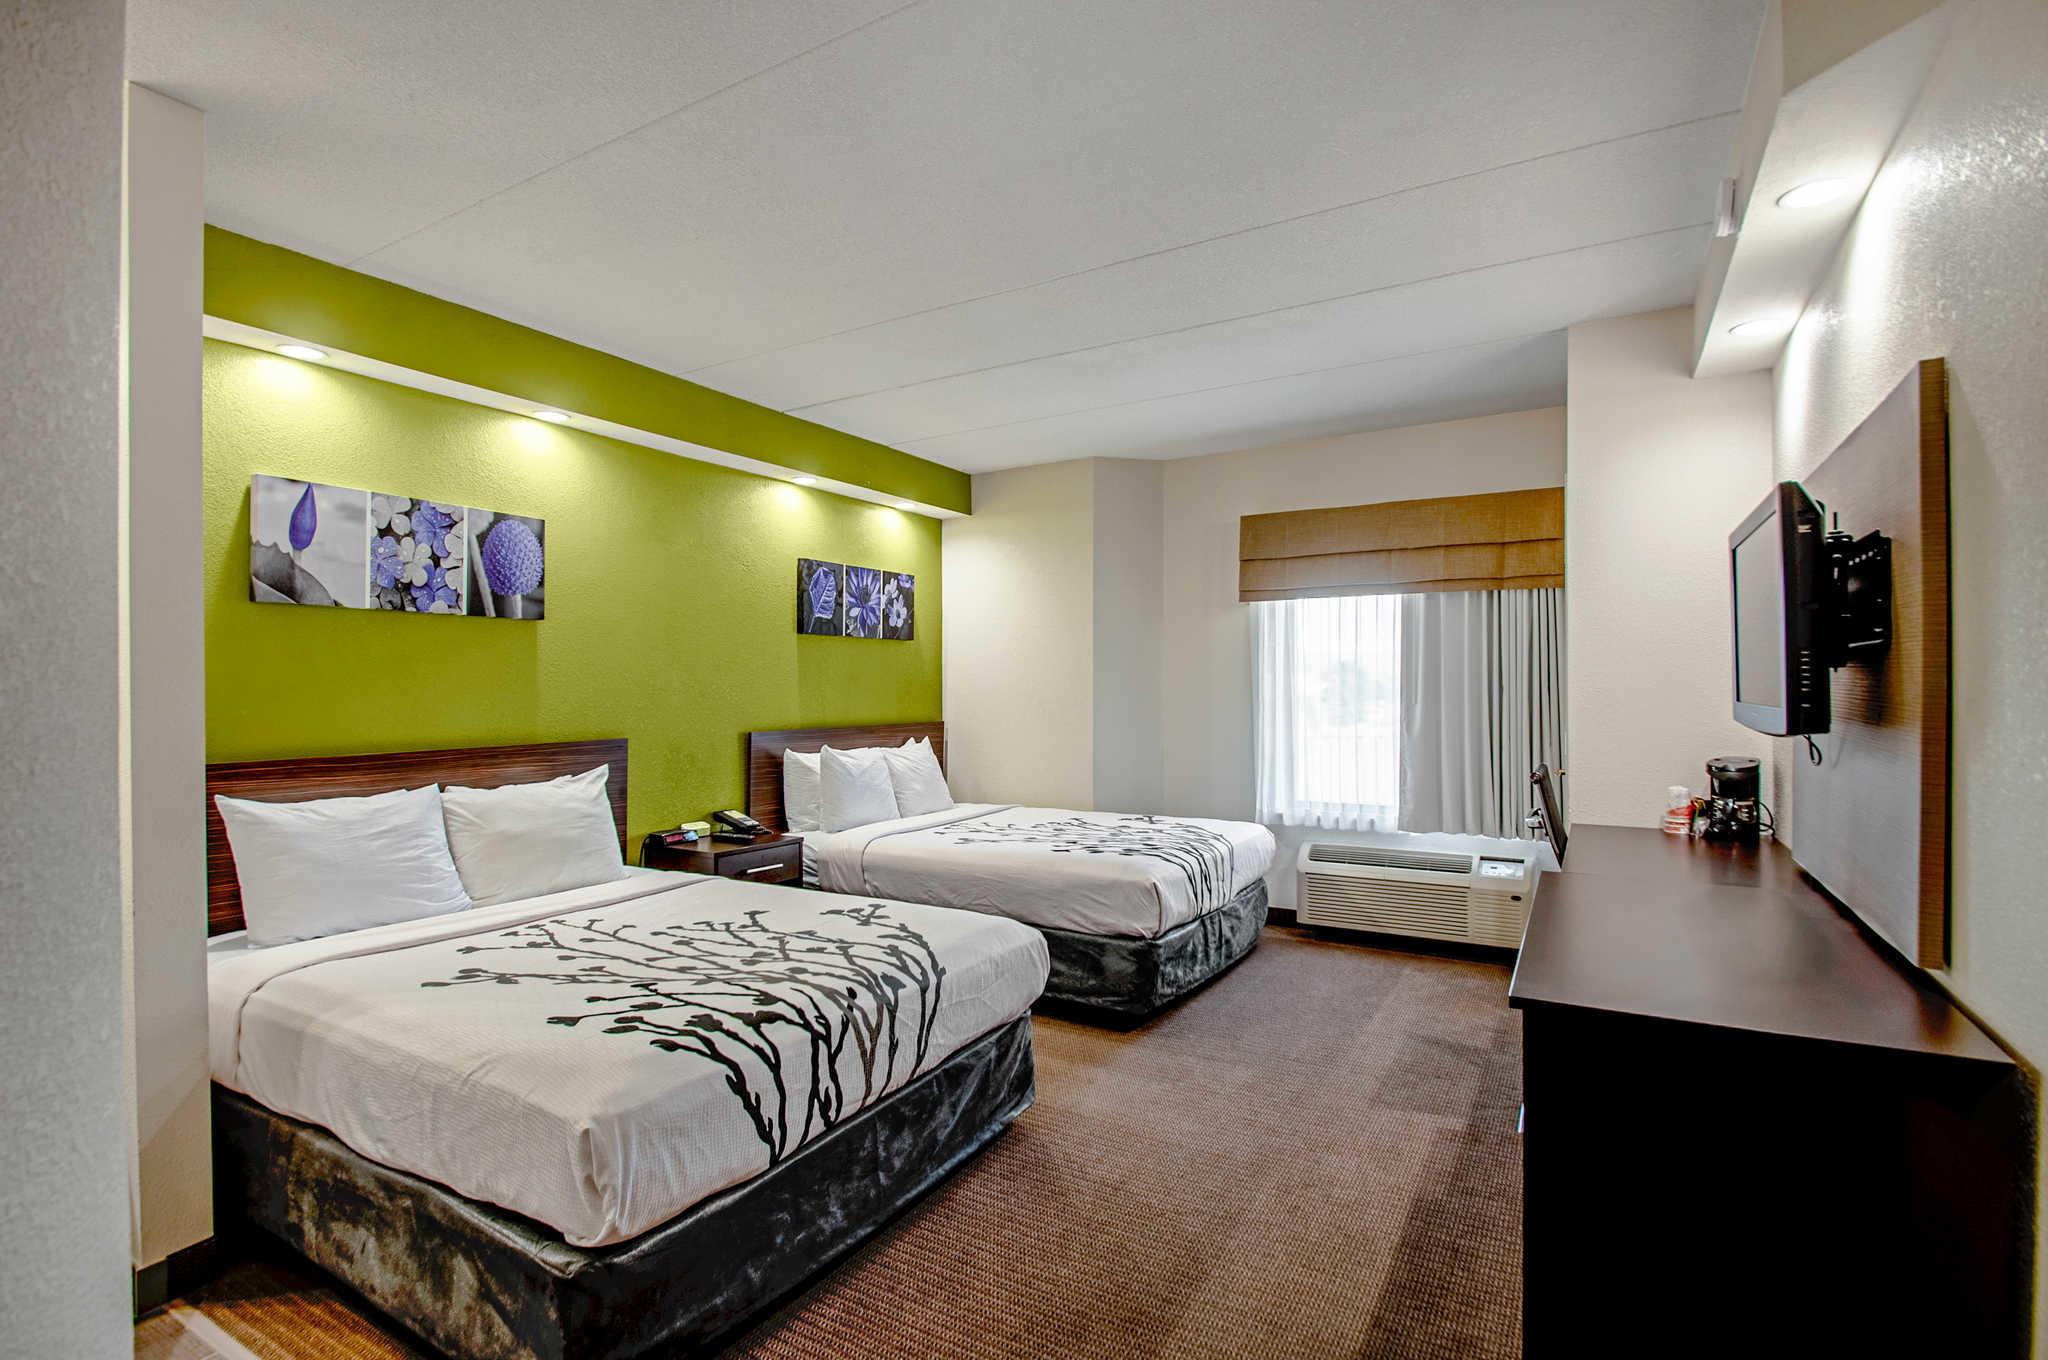 Sleep Inn image 25